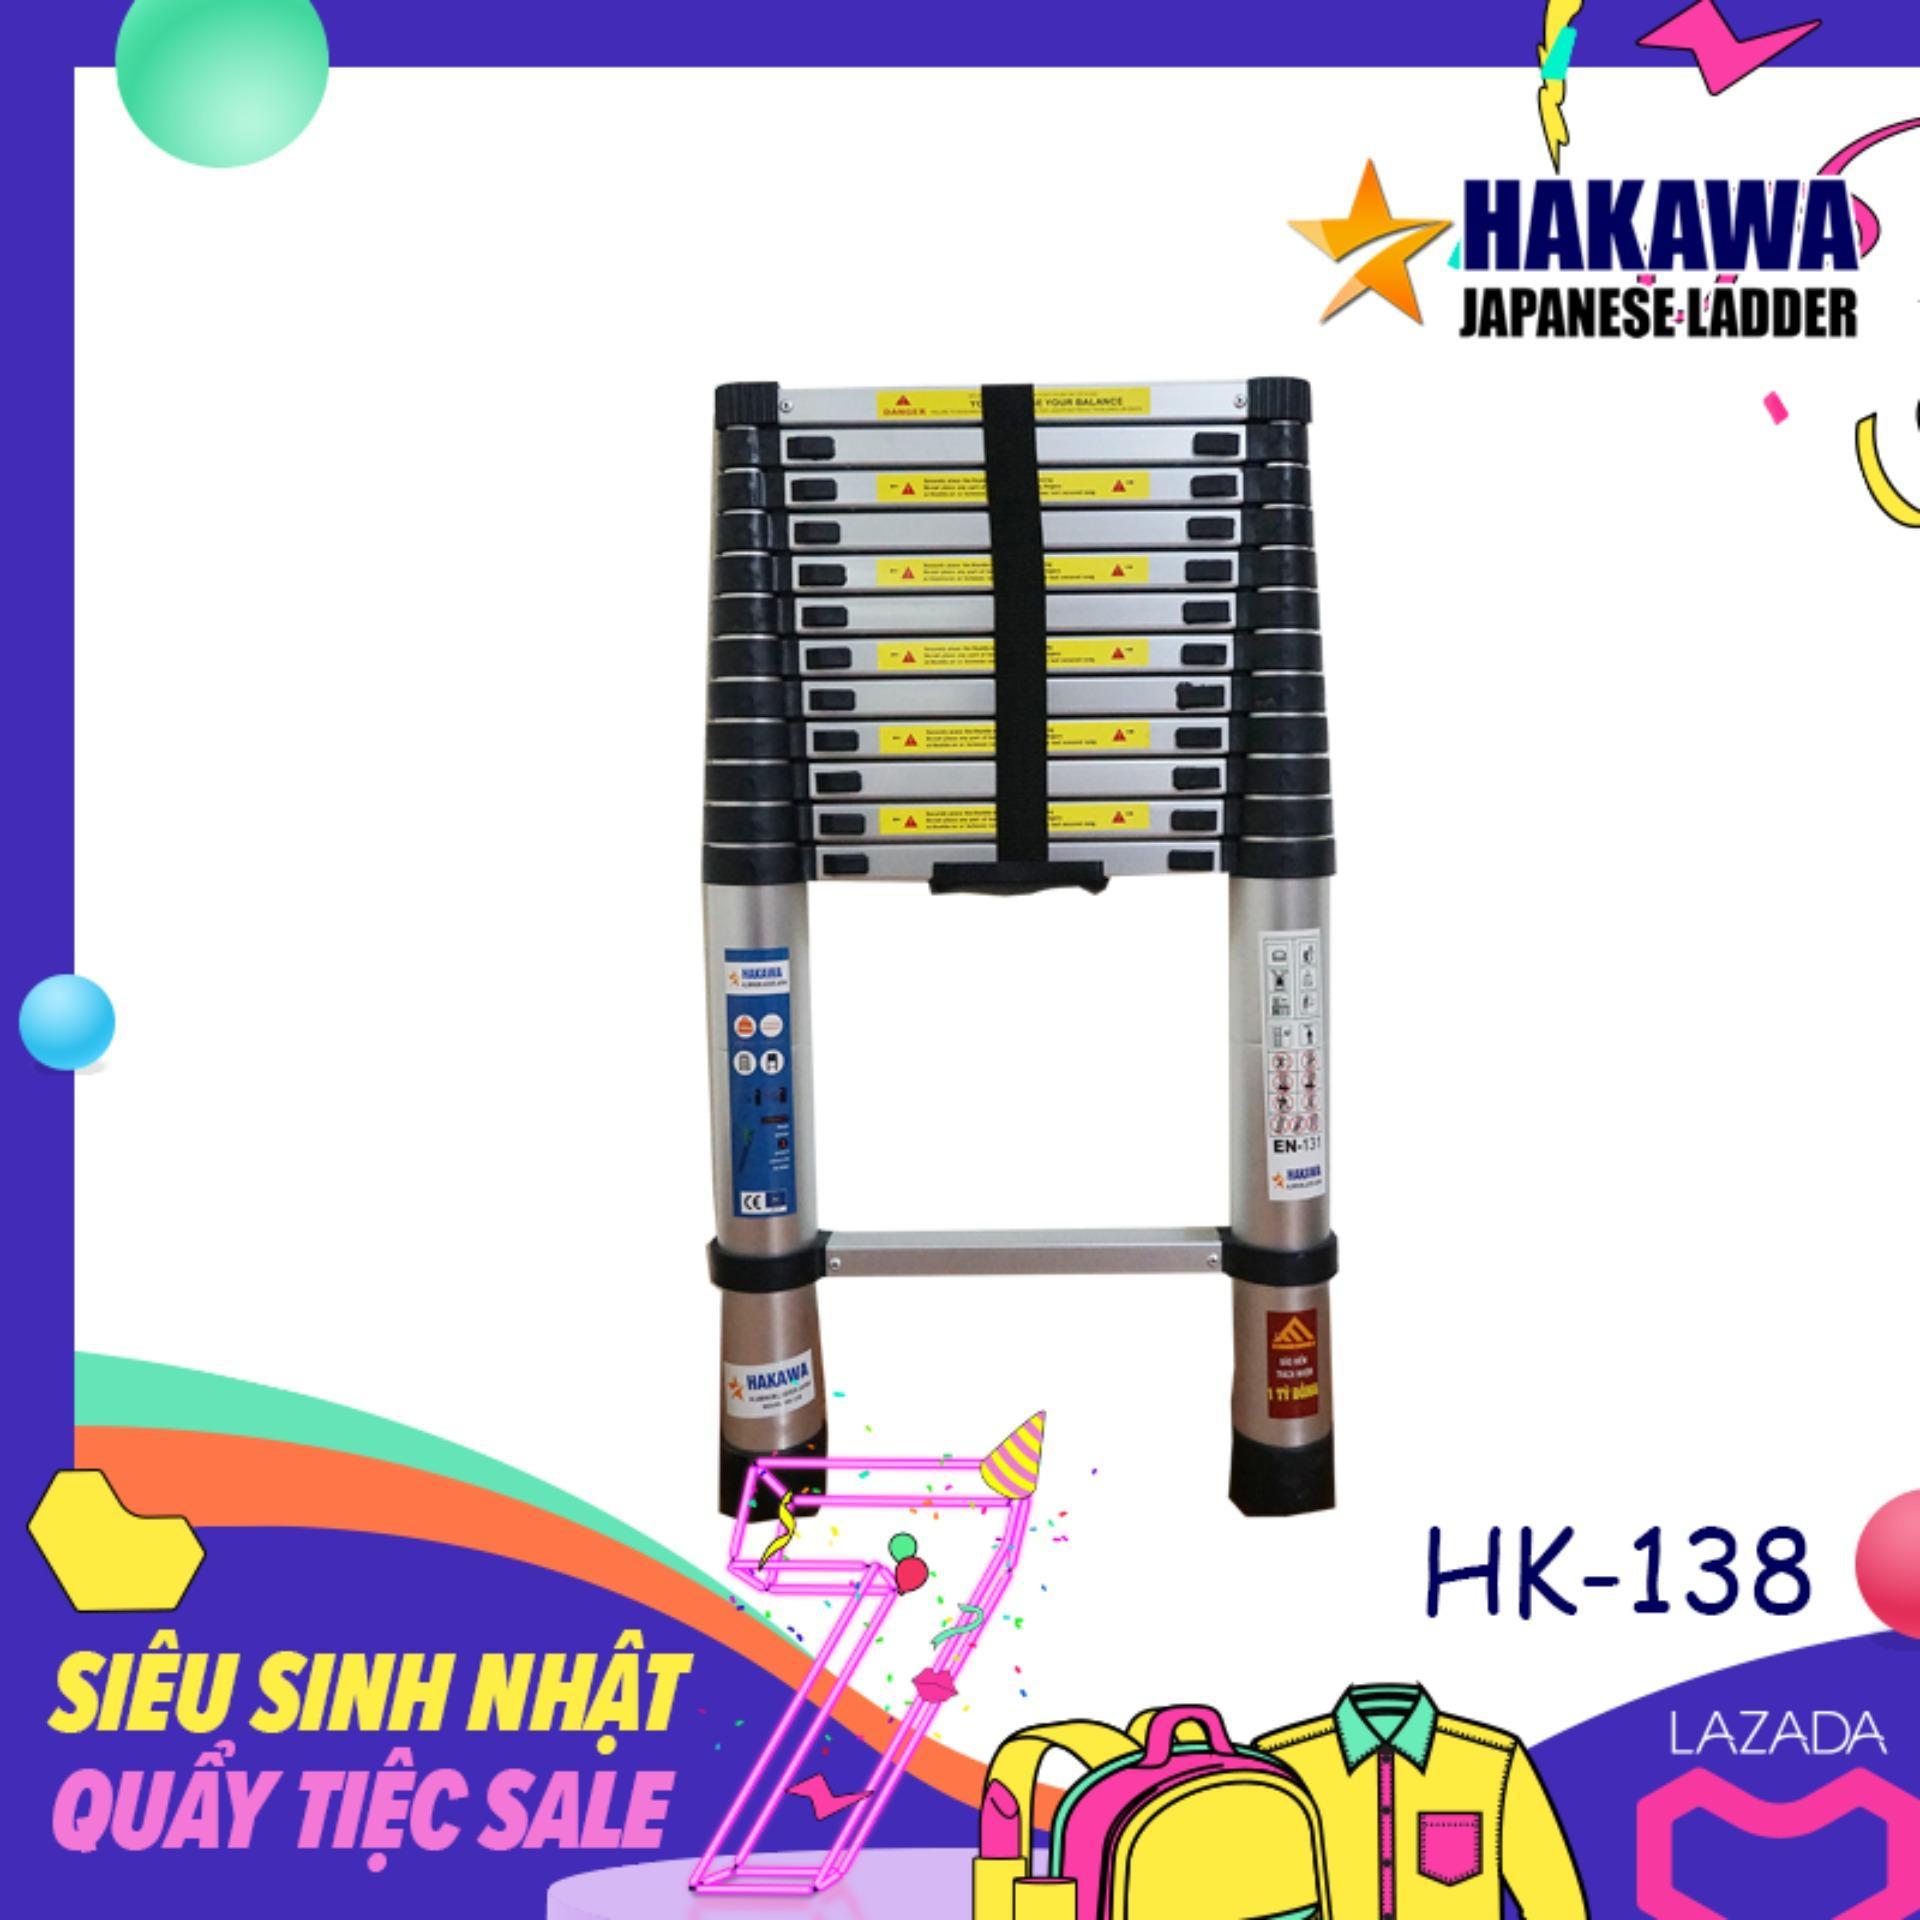 [HỖ TRỢ SHIP 100%] Thang nhom rut don HAKAWA HK138 - Bằng nhôm không rỉ , nhỏ gọn tiện lợi , dễ di chuyển